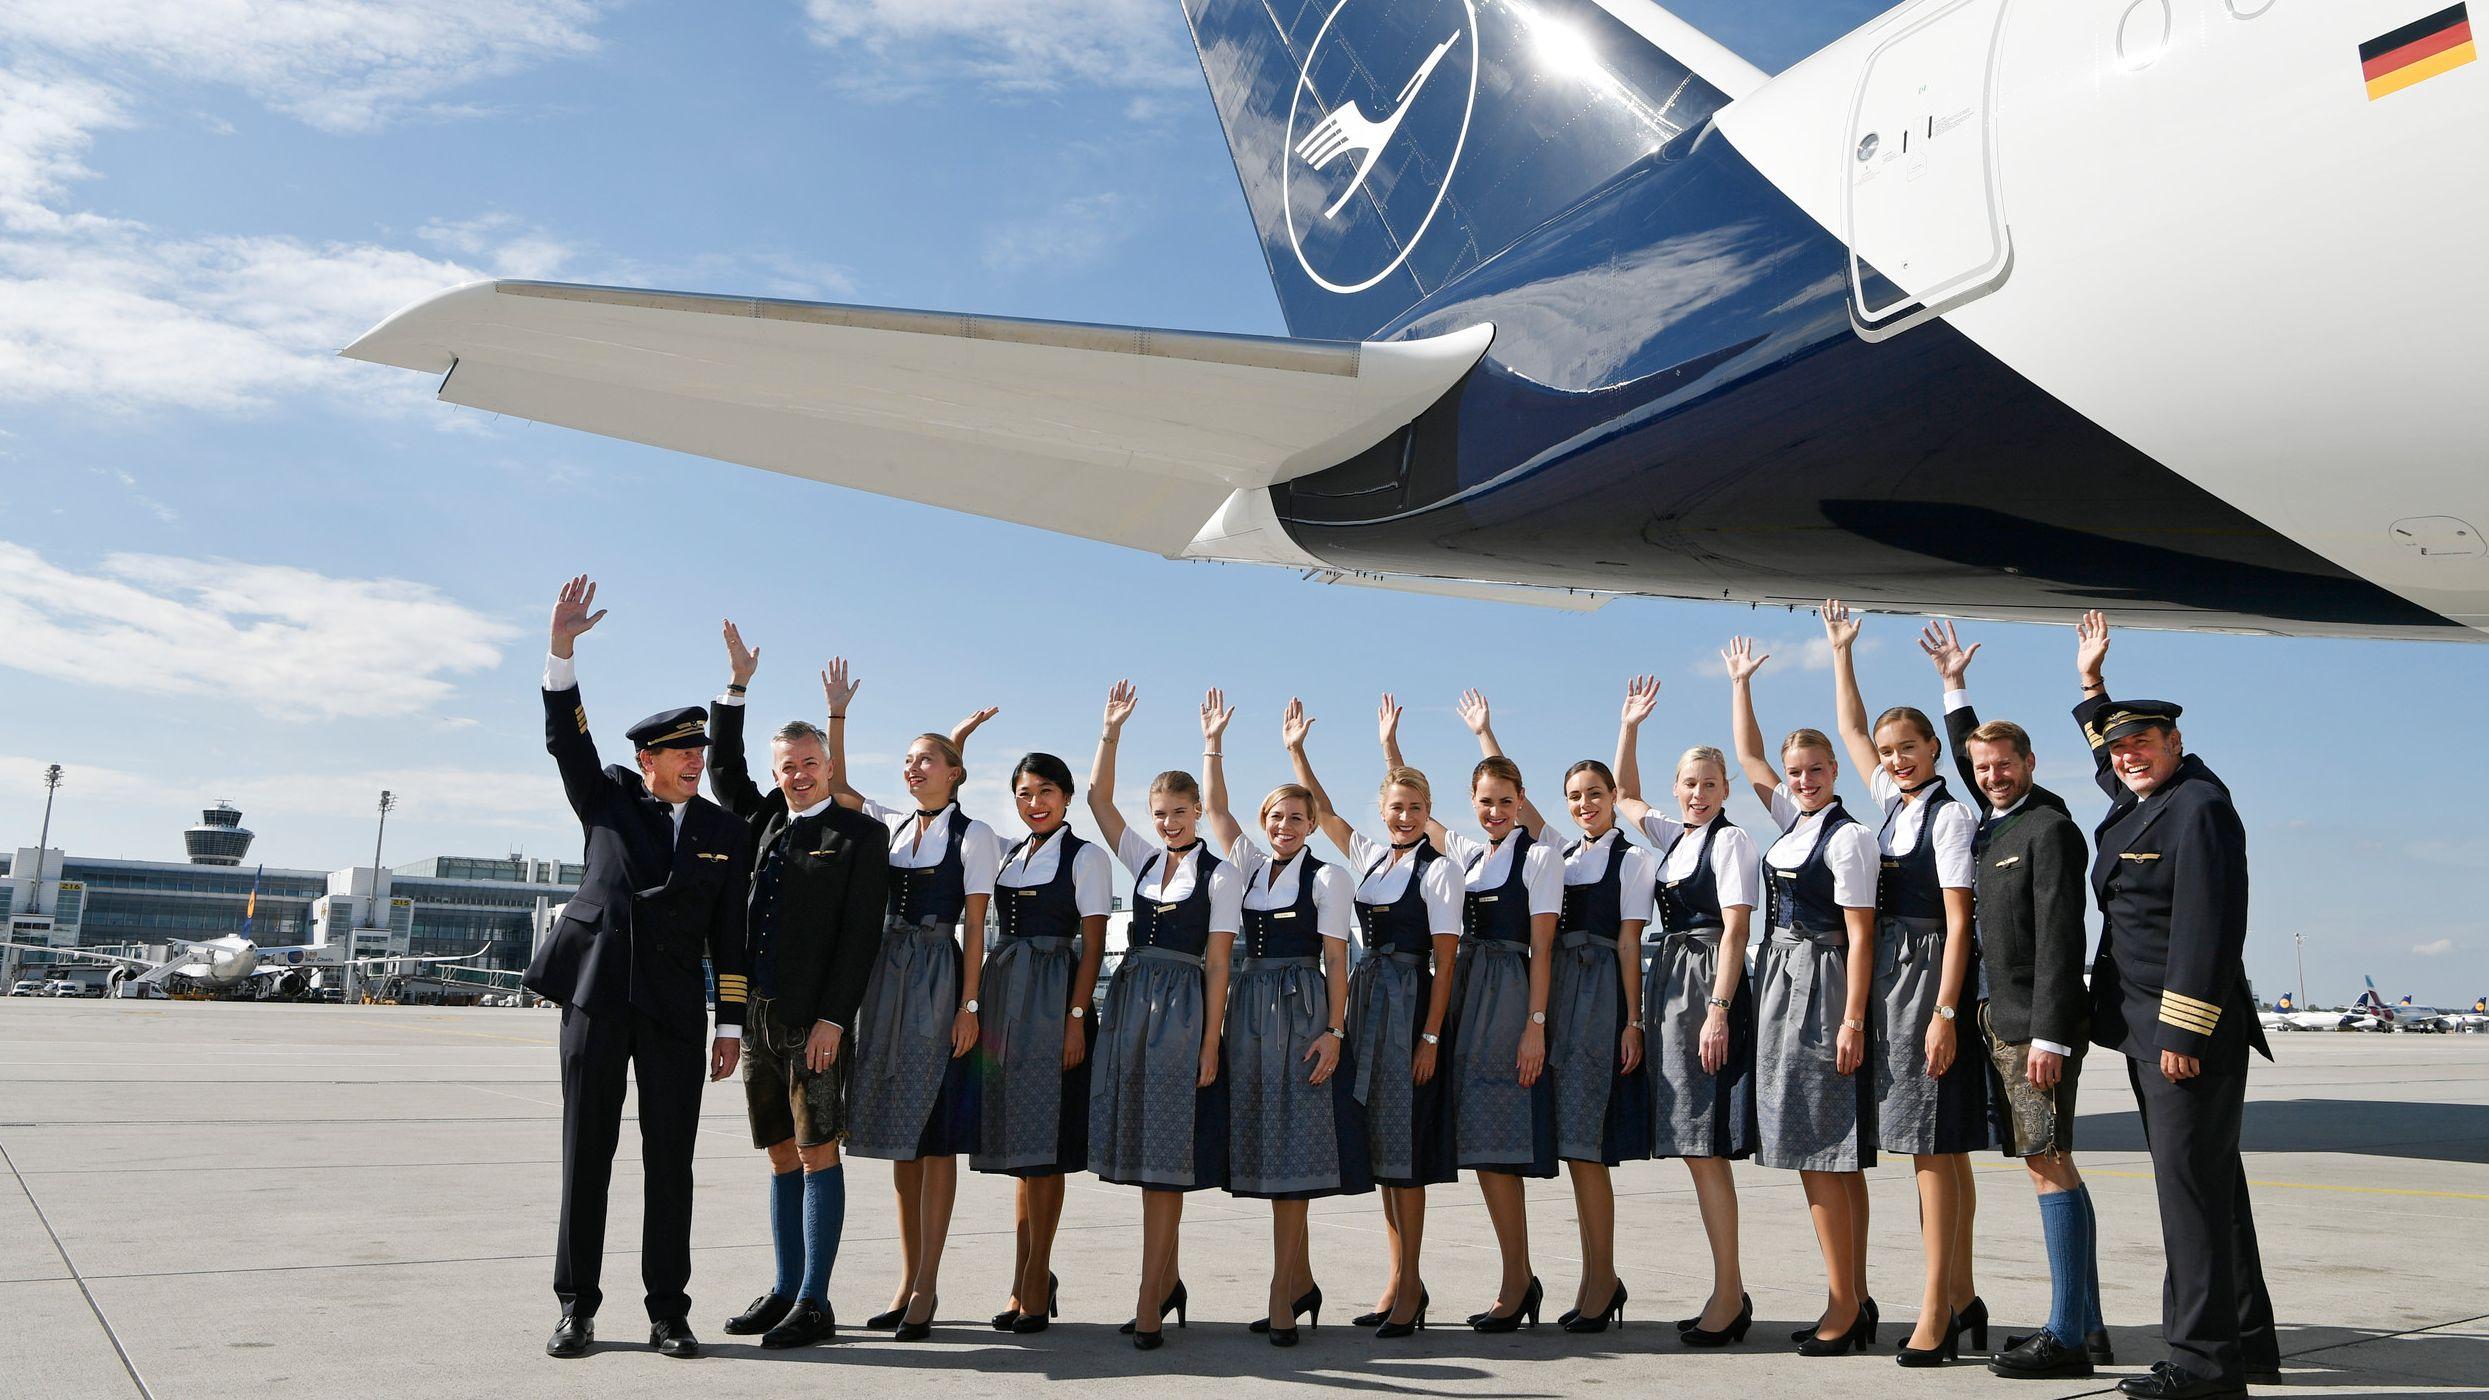 Die Trachten-Crew der Lufthansa